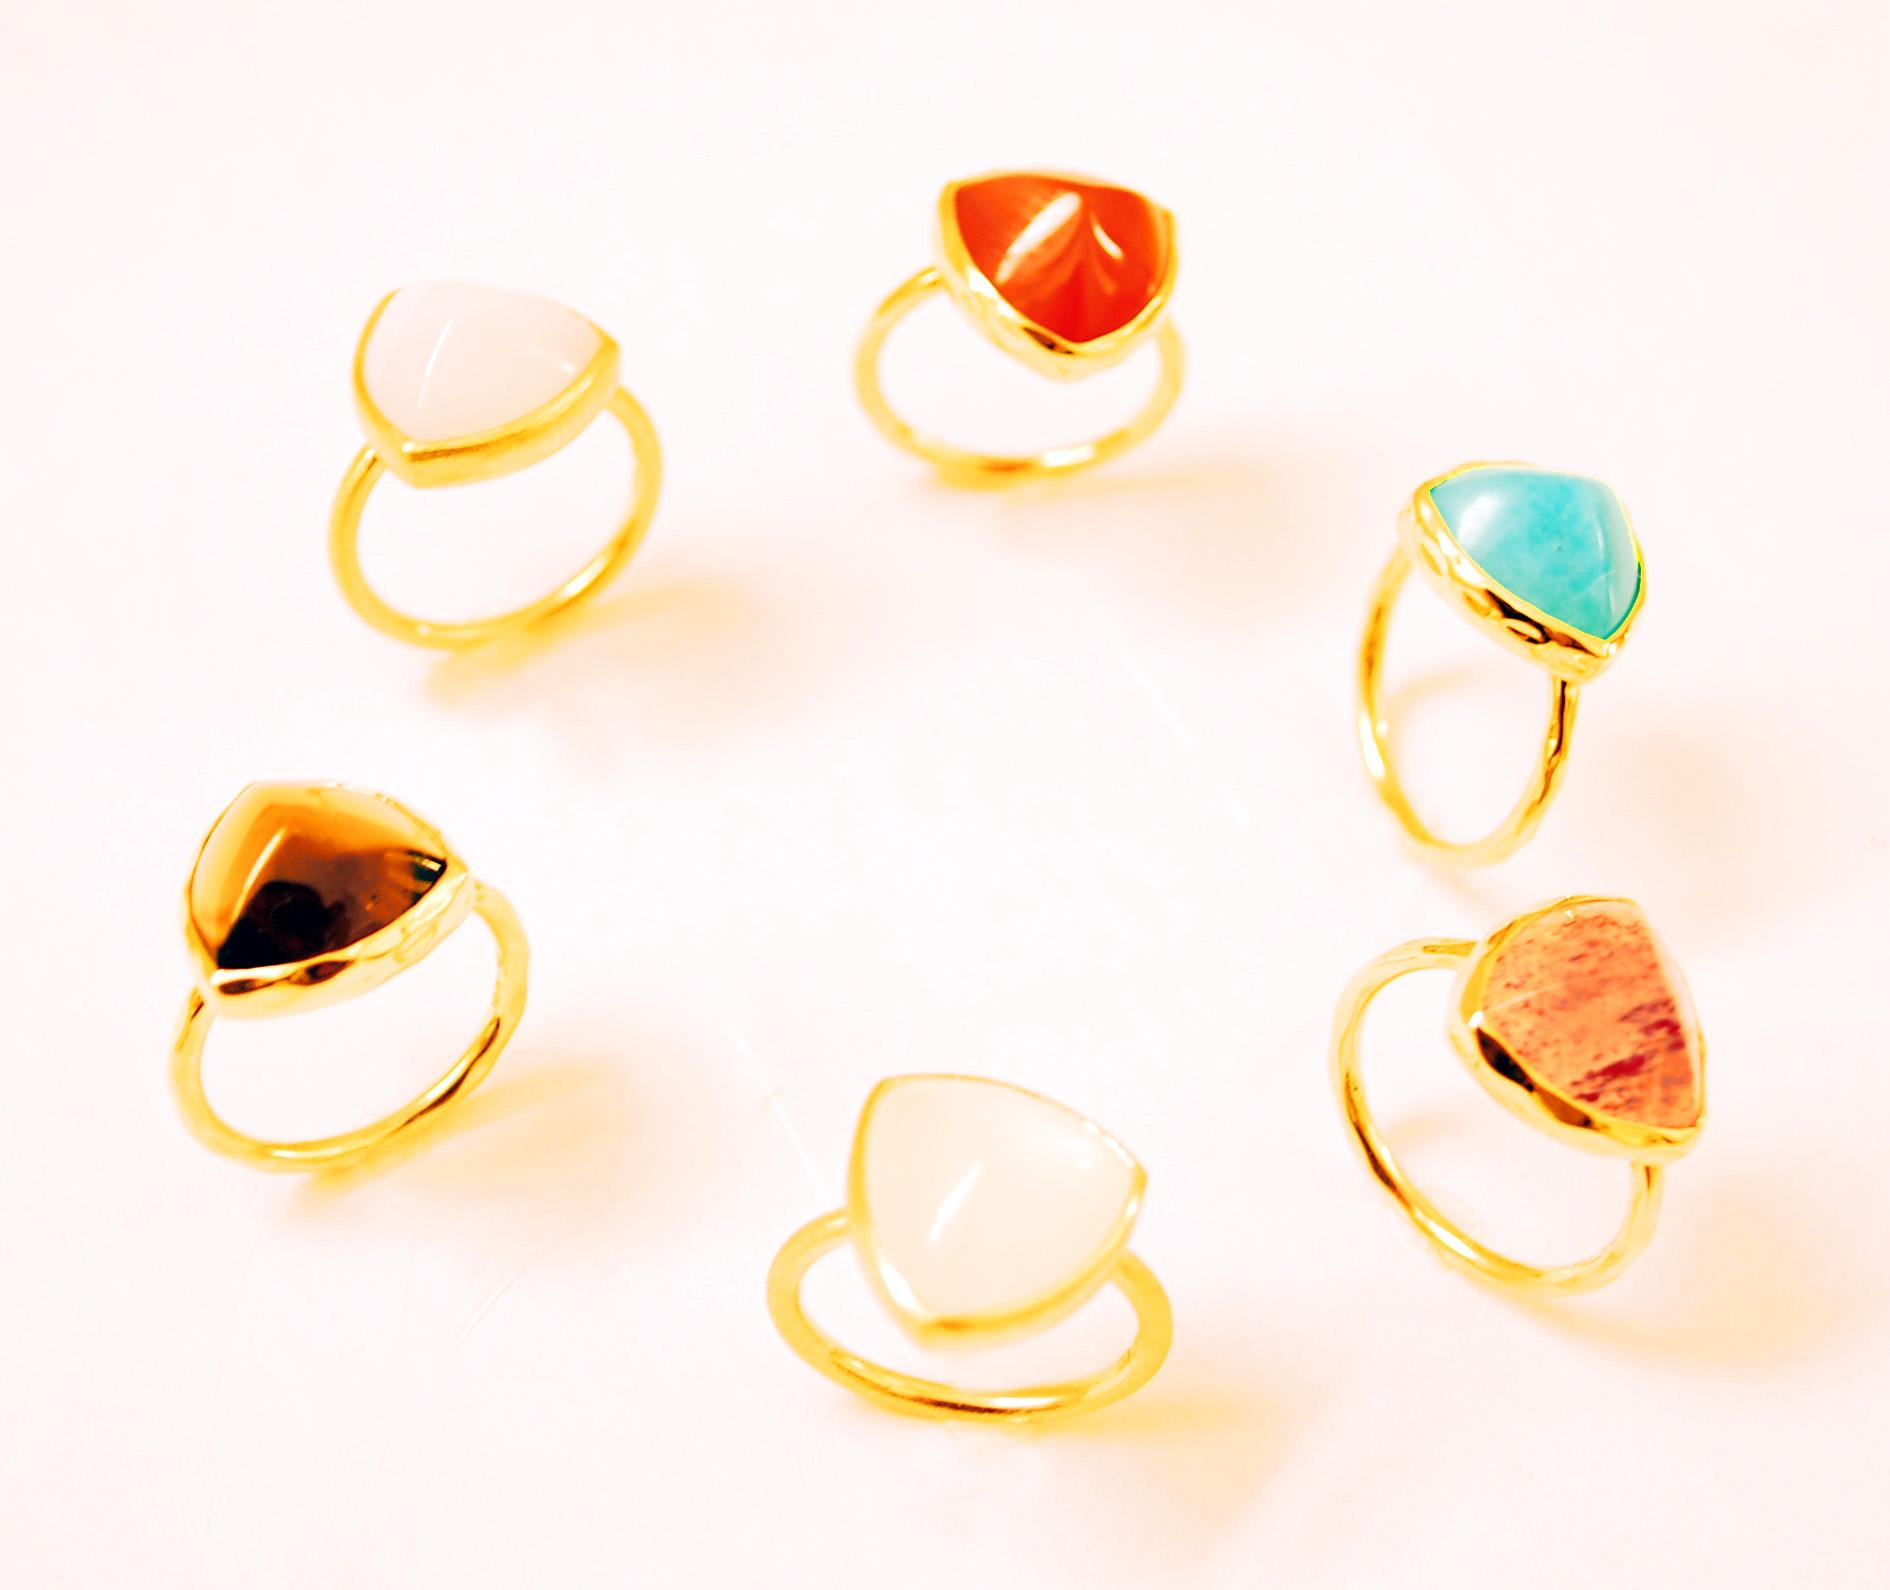 【MARULAB】 新作 ダイヤモンドリング、遂に登場!_c0221922_145175.jpg